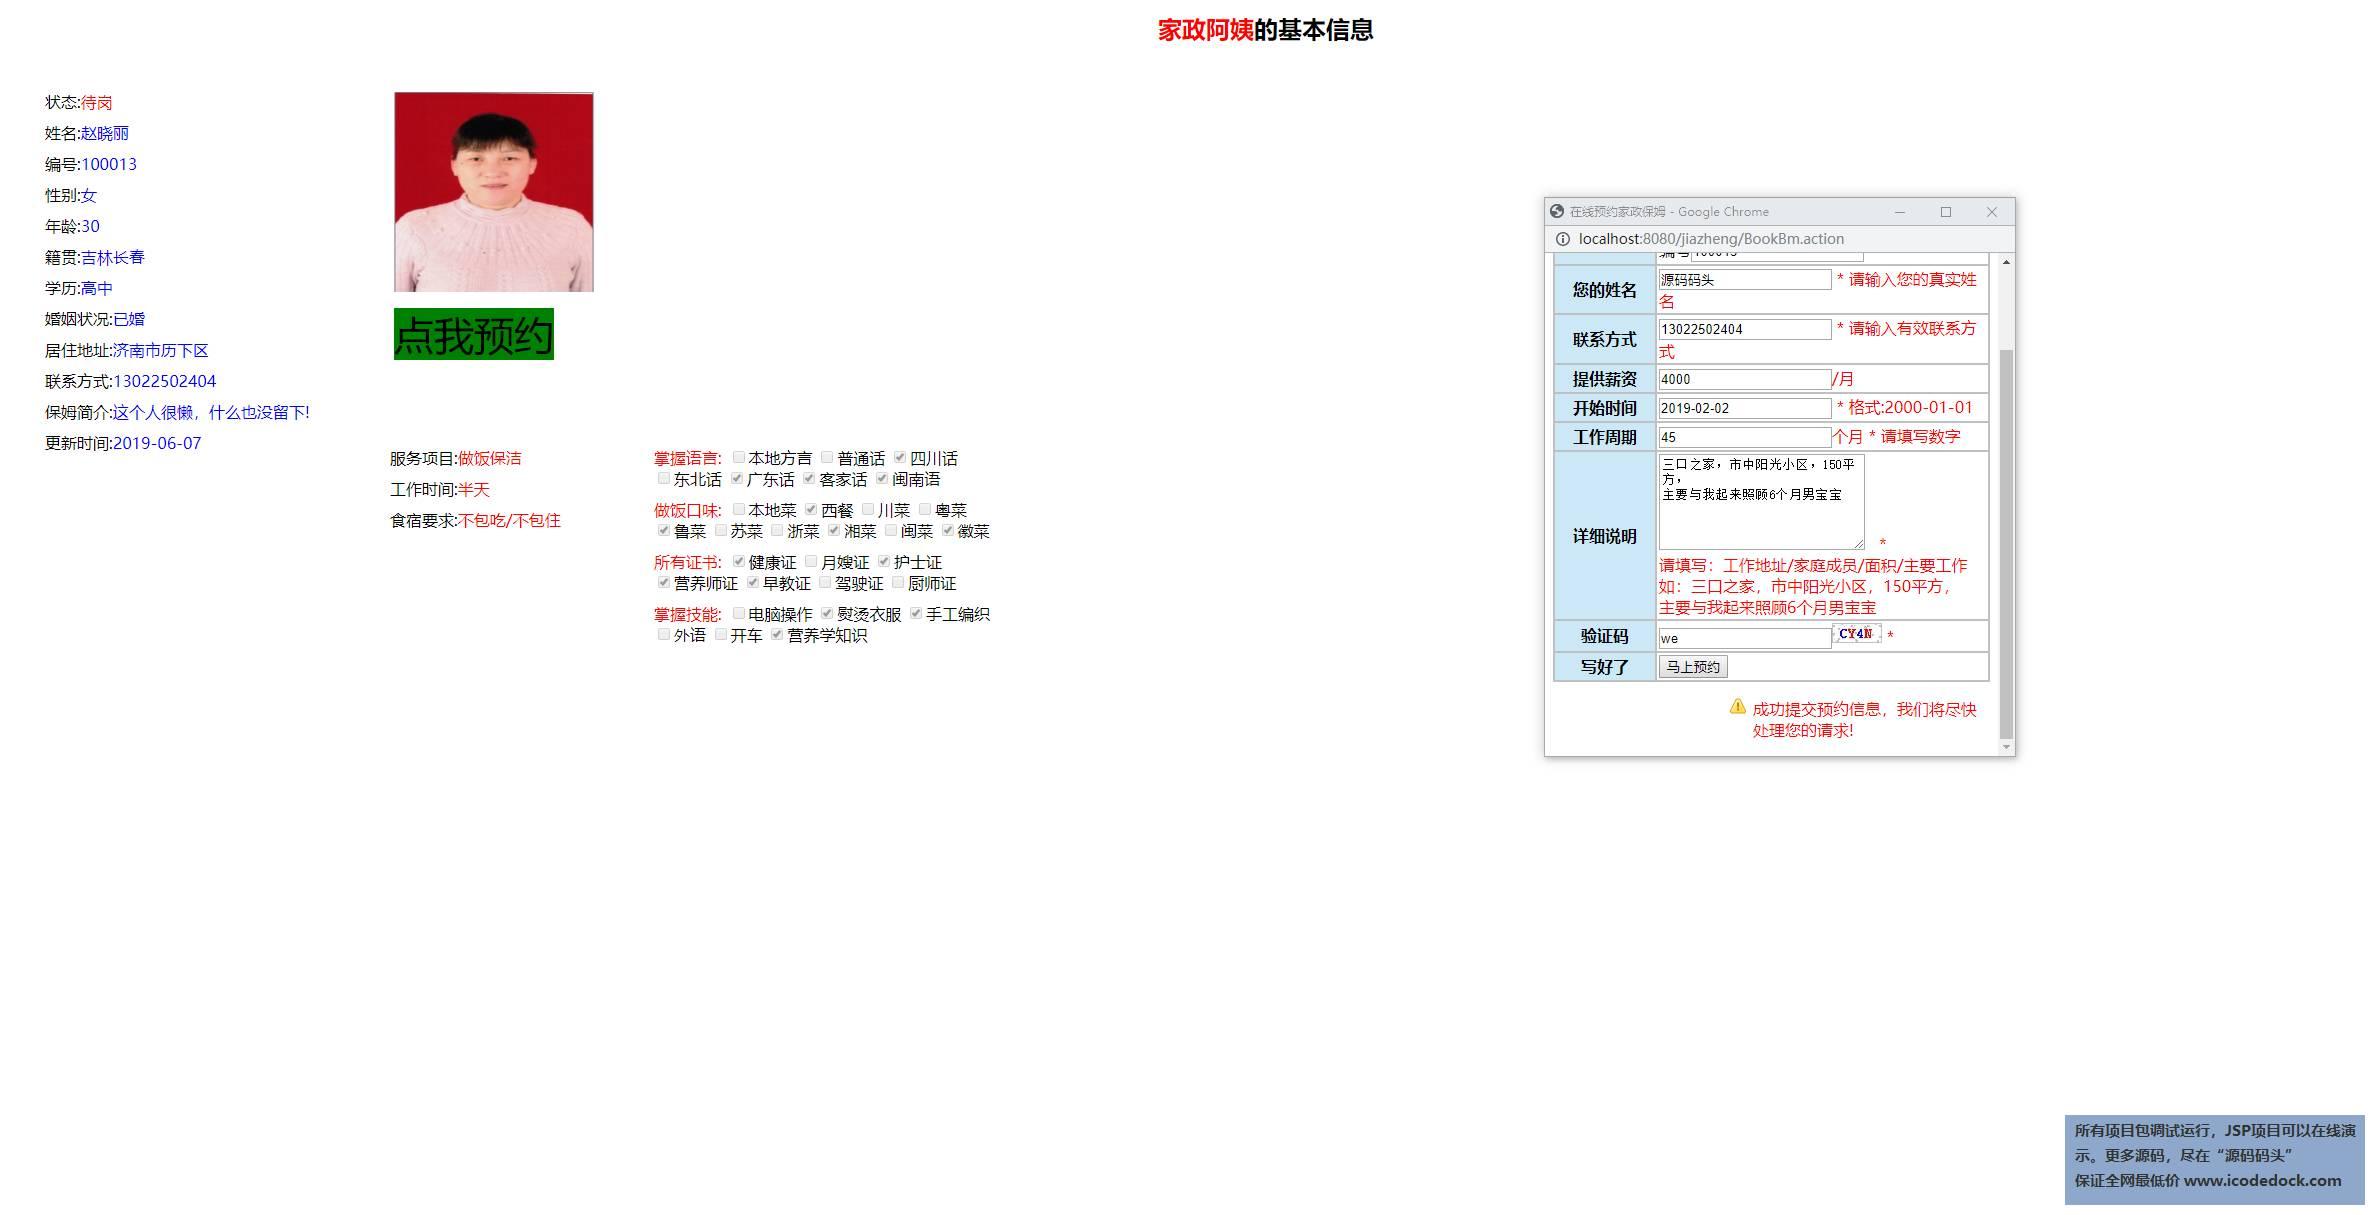 源码码头-JSP家政服务管理系统-雇主用户角色-阿姨预约